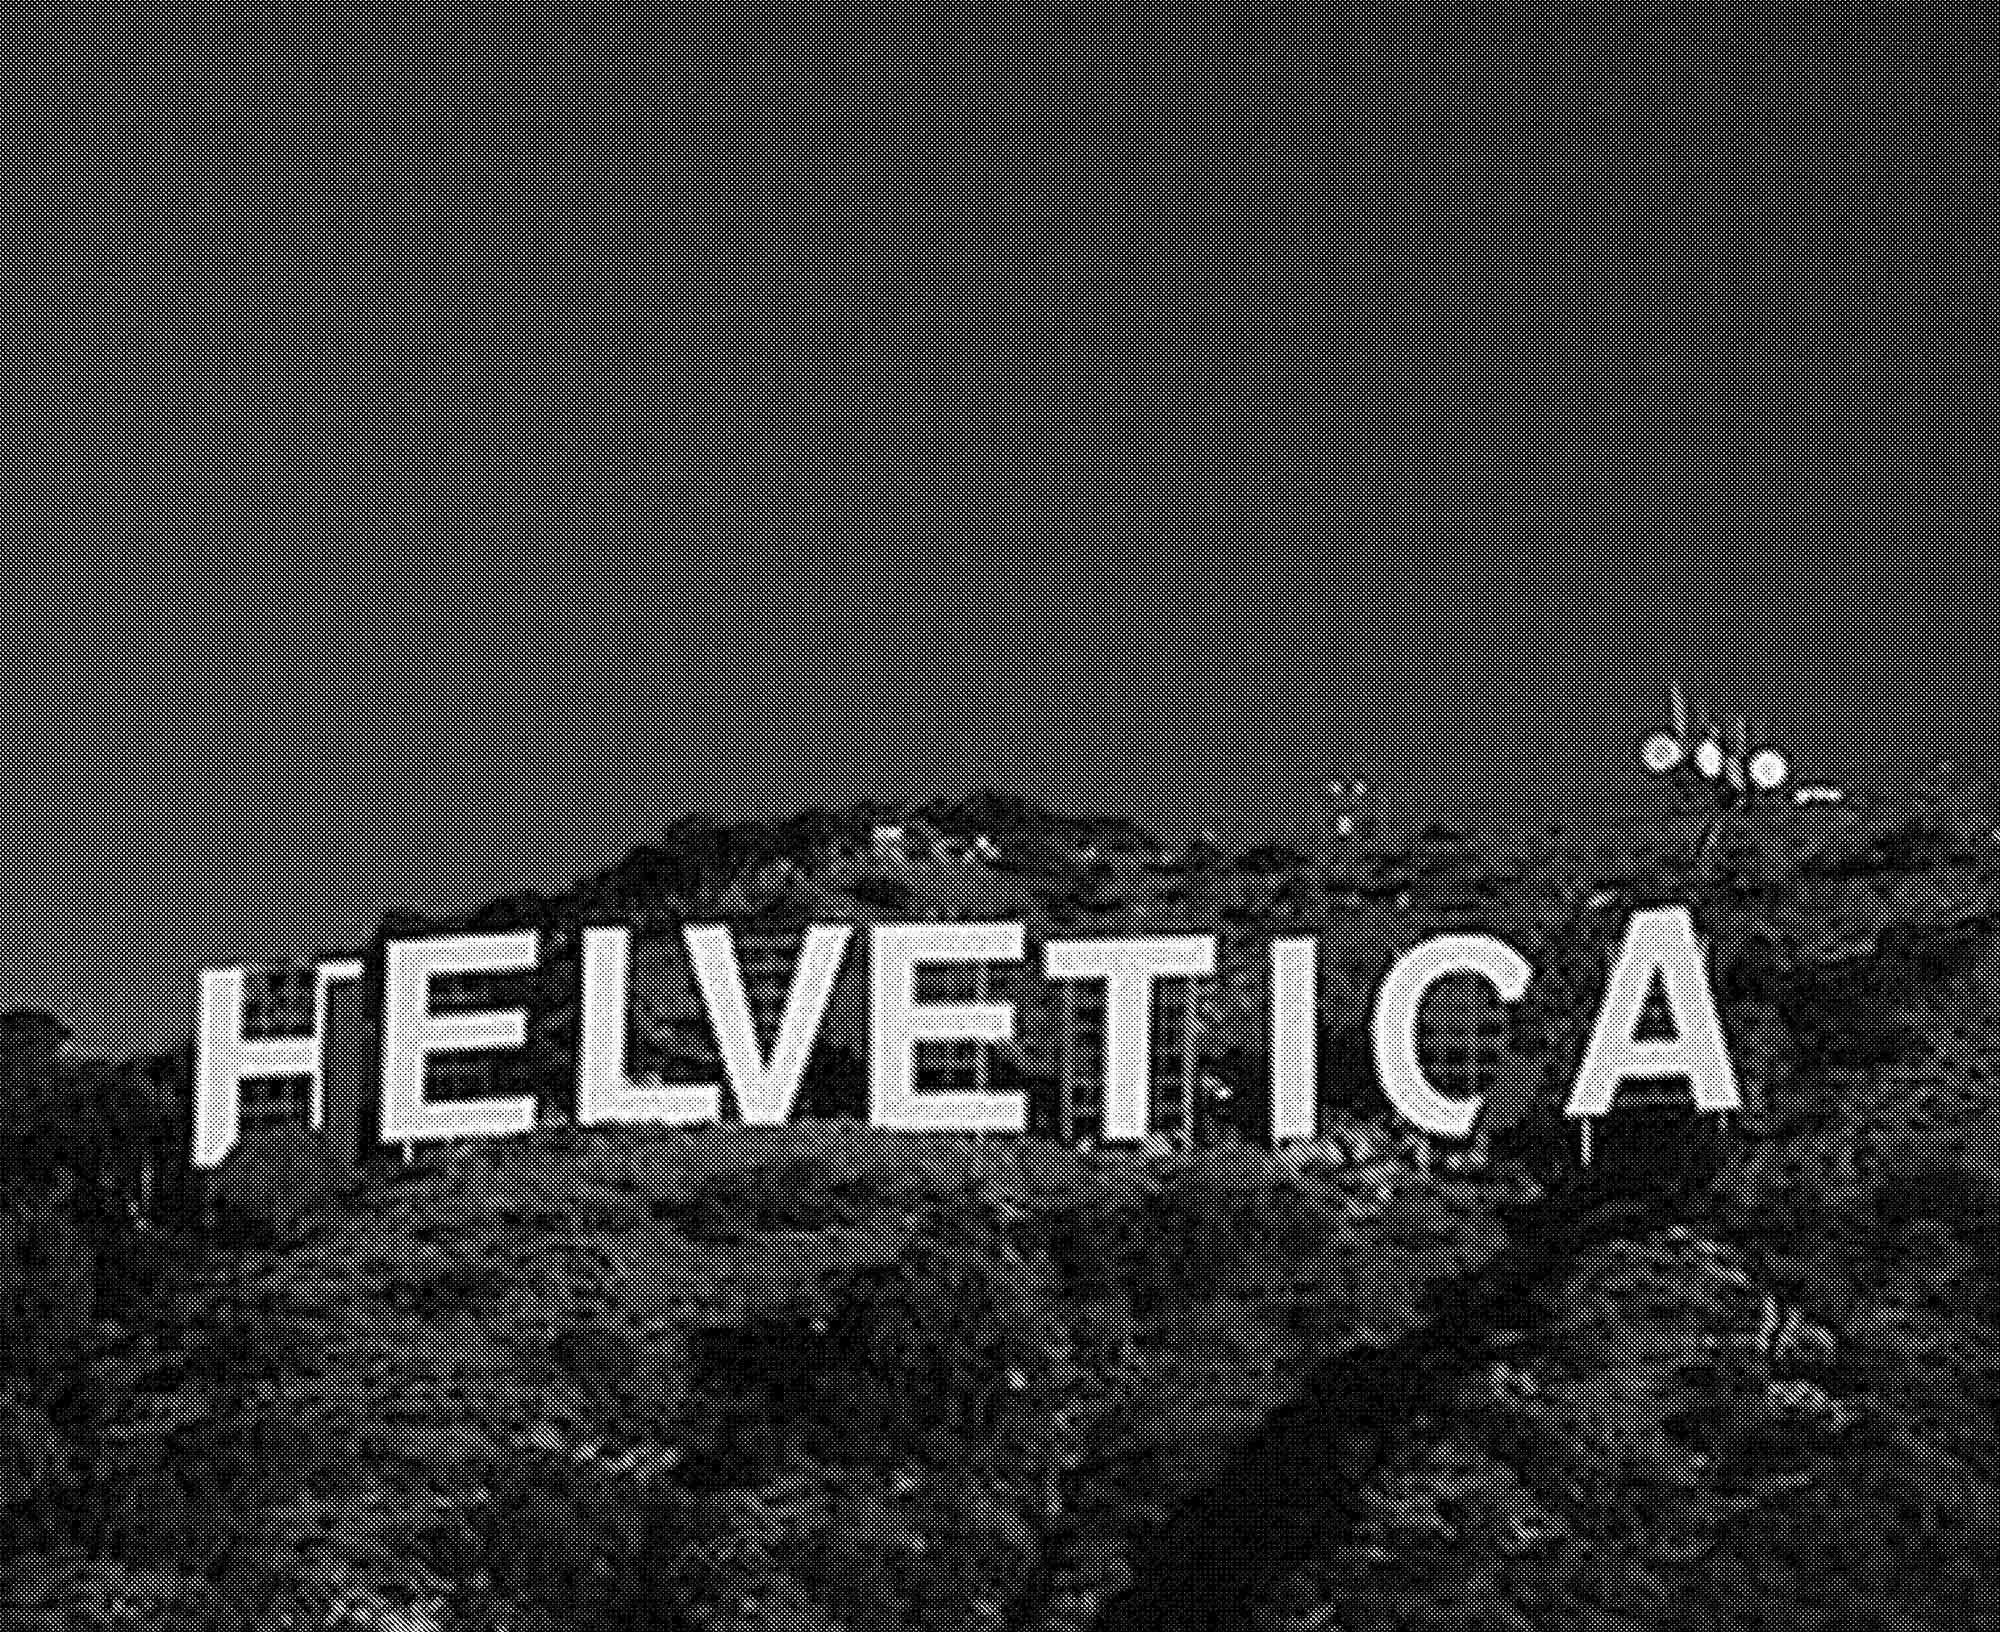 Helvetica – Gary Hustwit